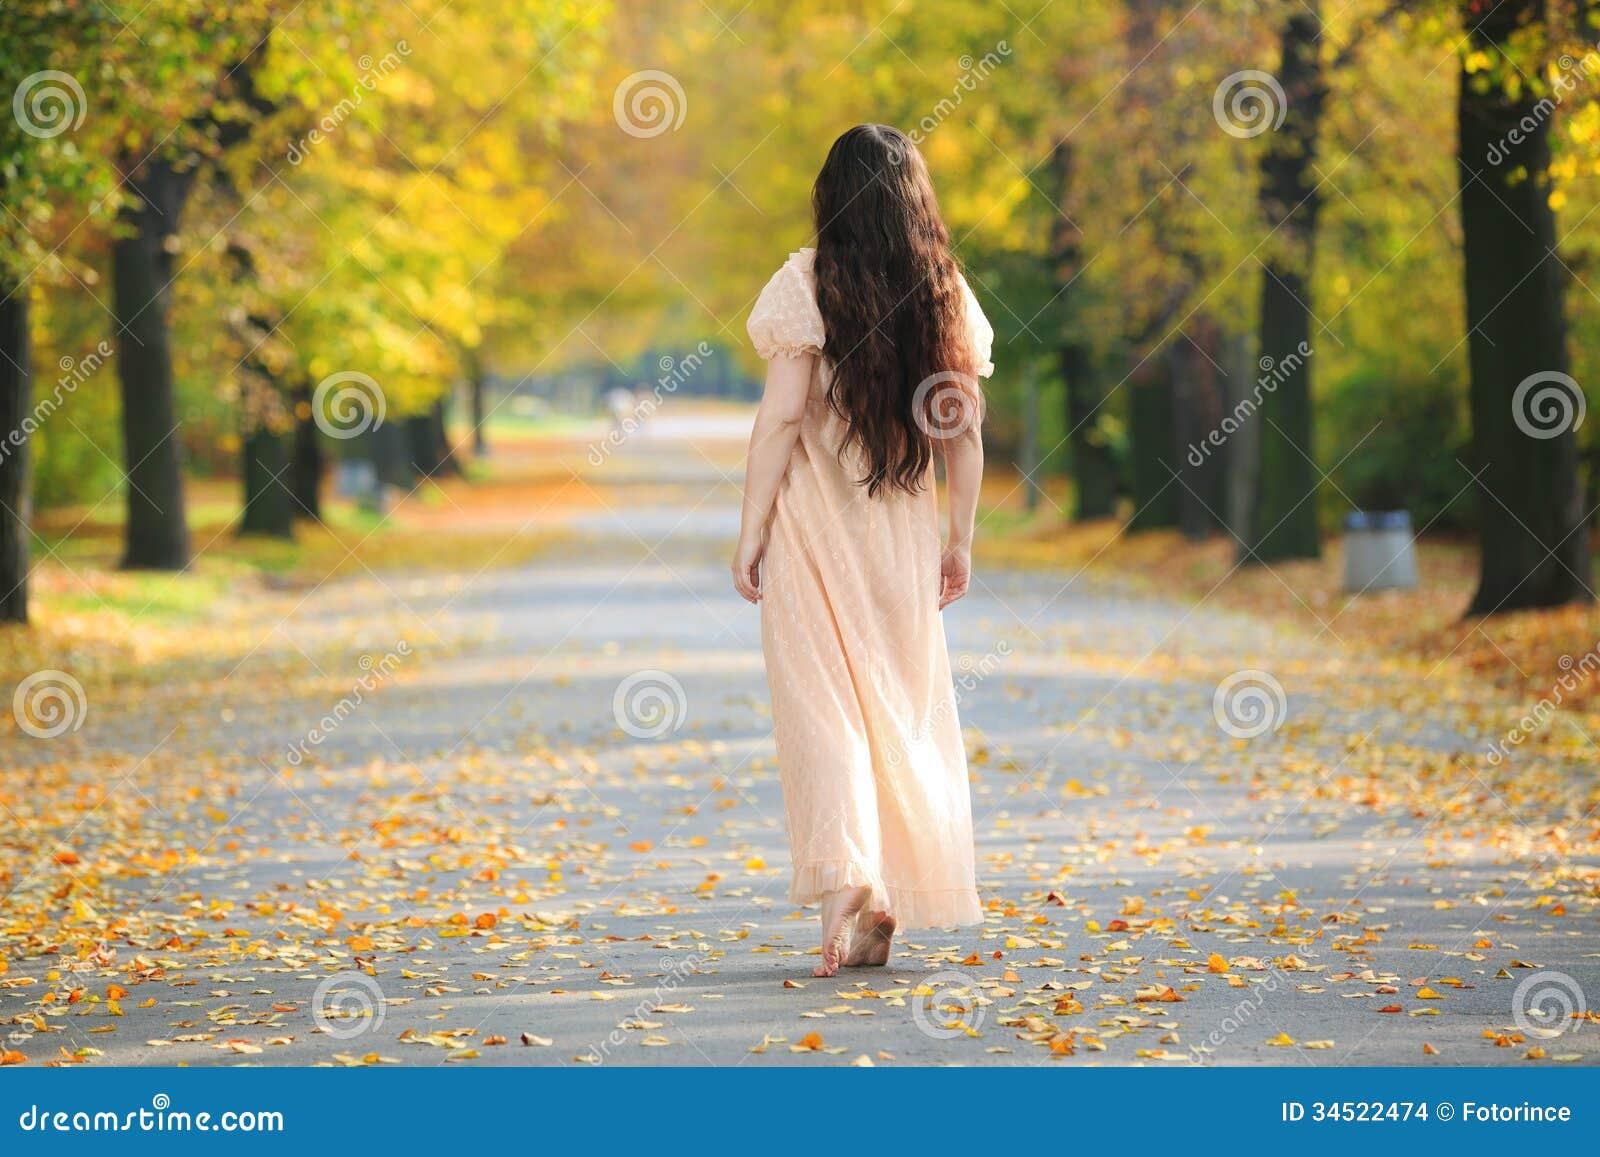 Tajemnicza osamotniona kobieta